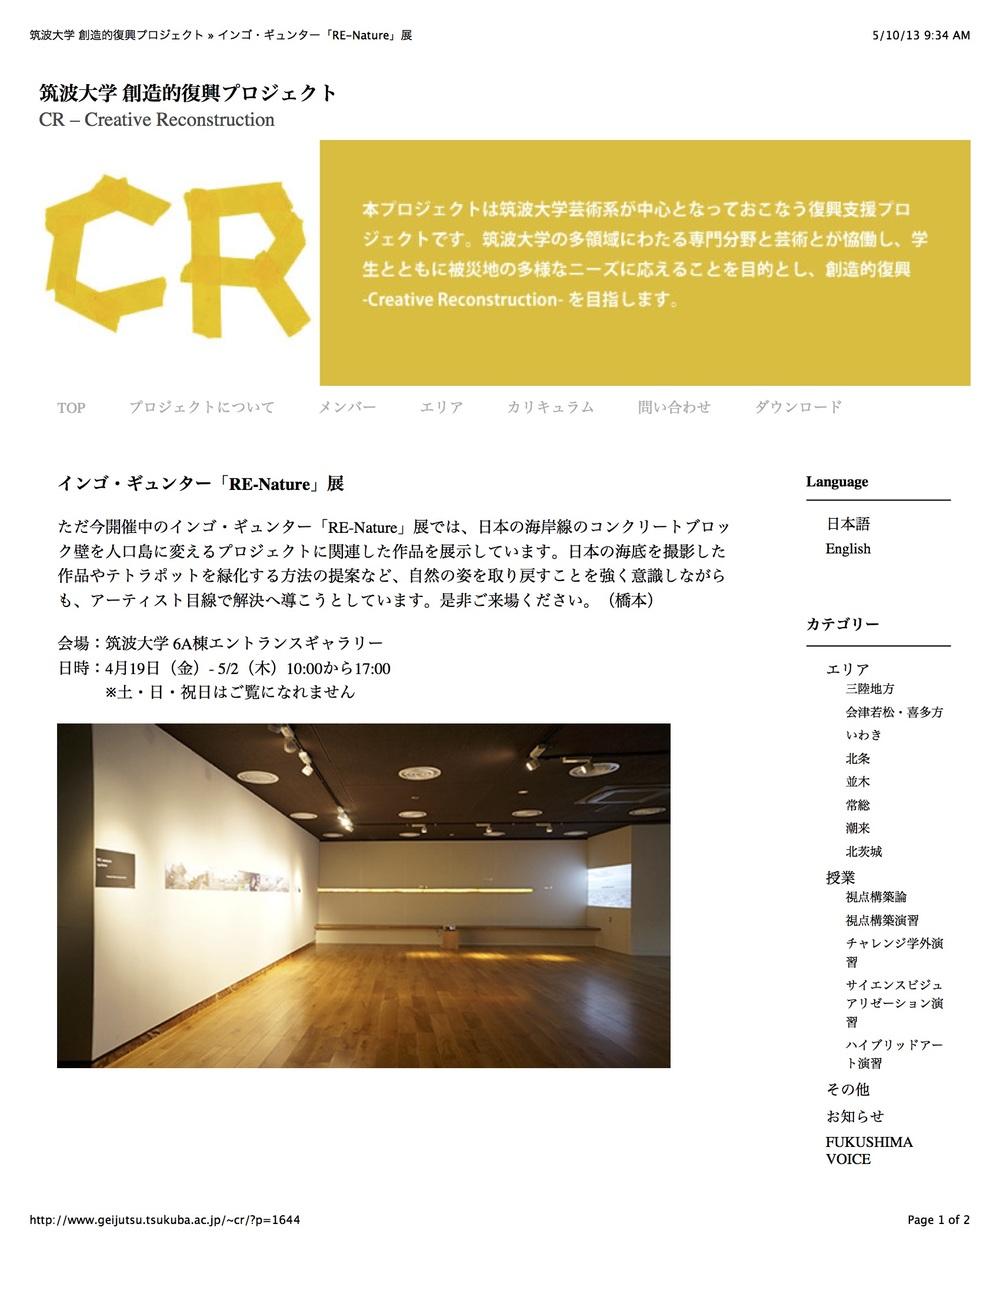 筑波大学 創造的復興プロジェクト » インゴ・ギュンター「RE-Nature」展1.jpg